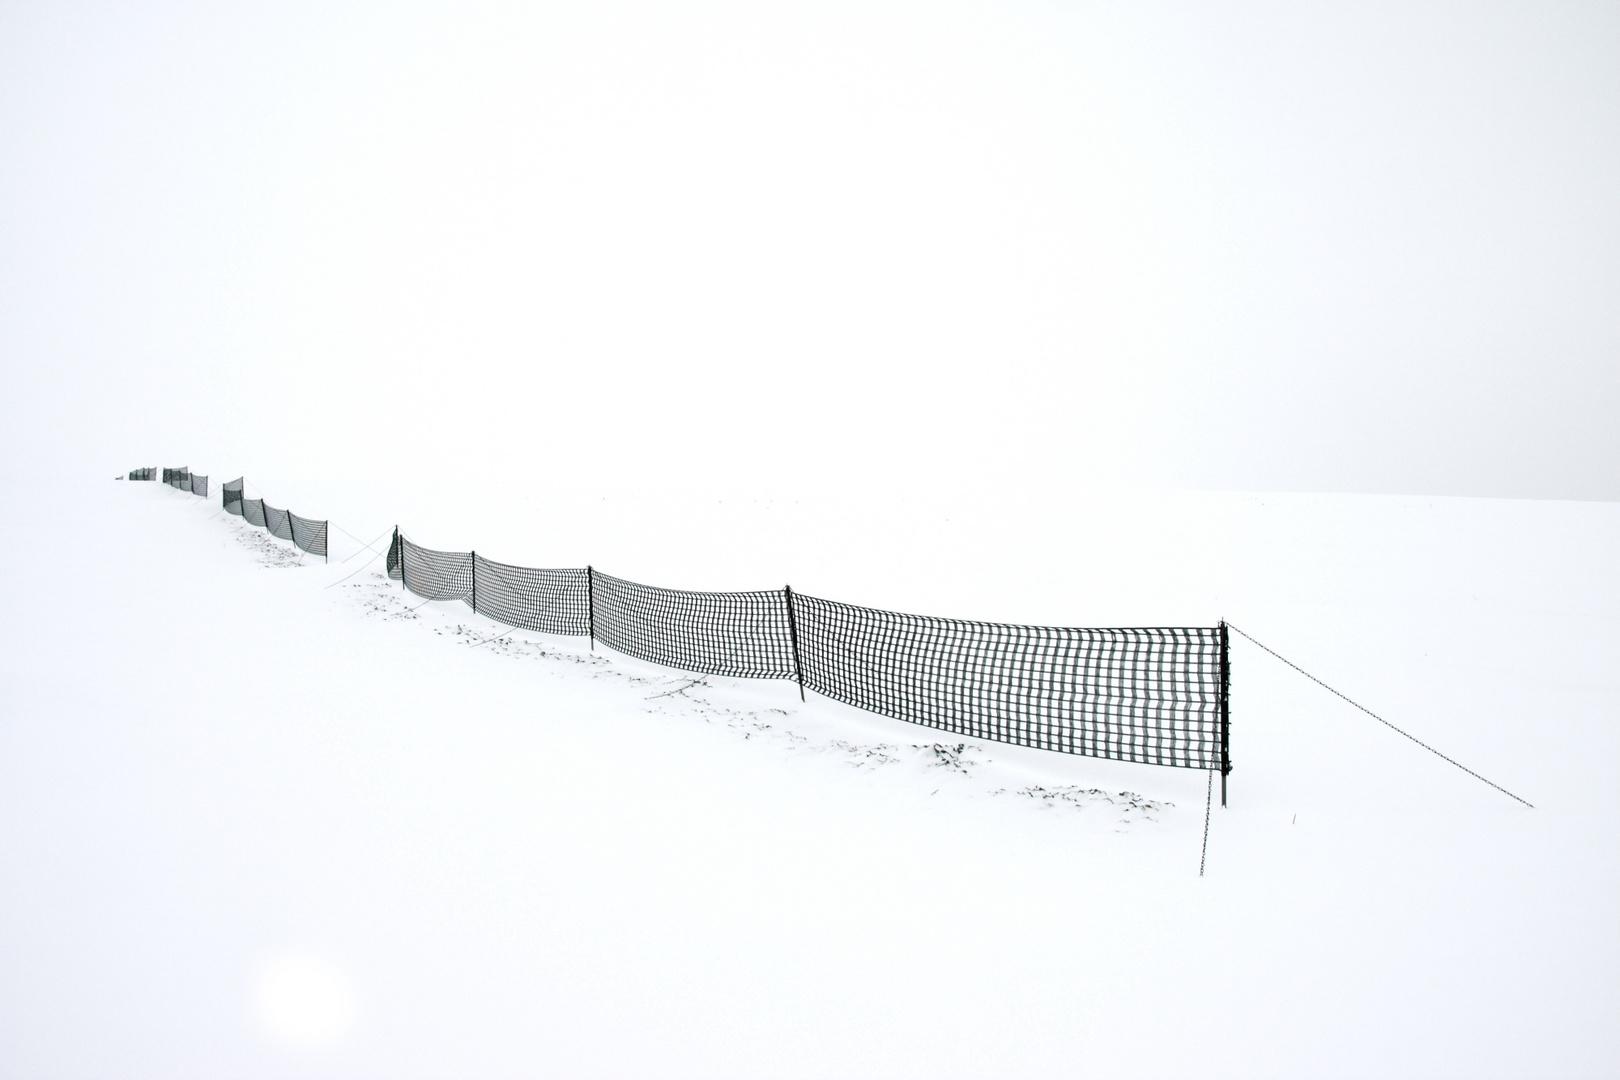 Schneefangnetz